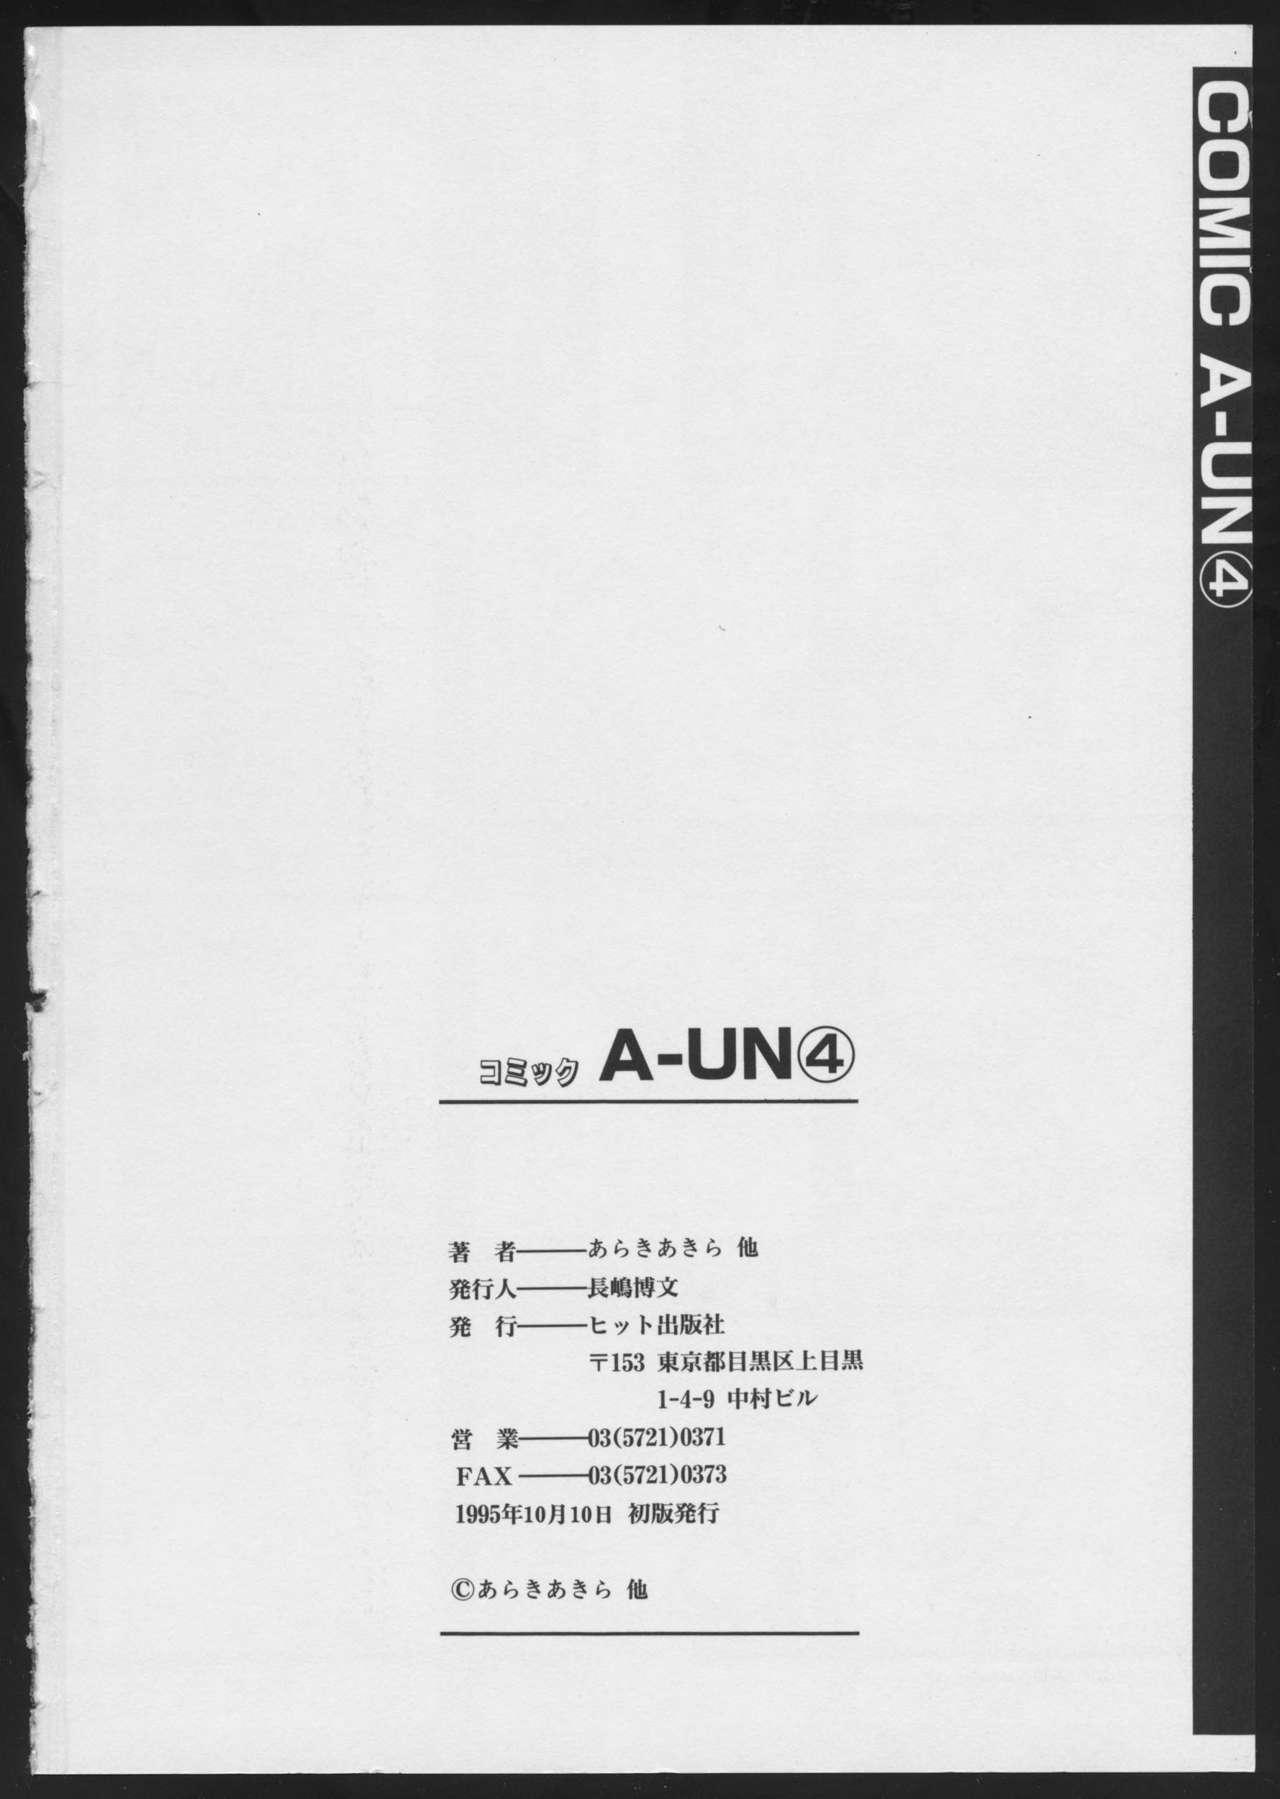 COMIC A-UN 4 163